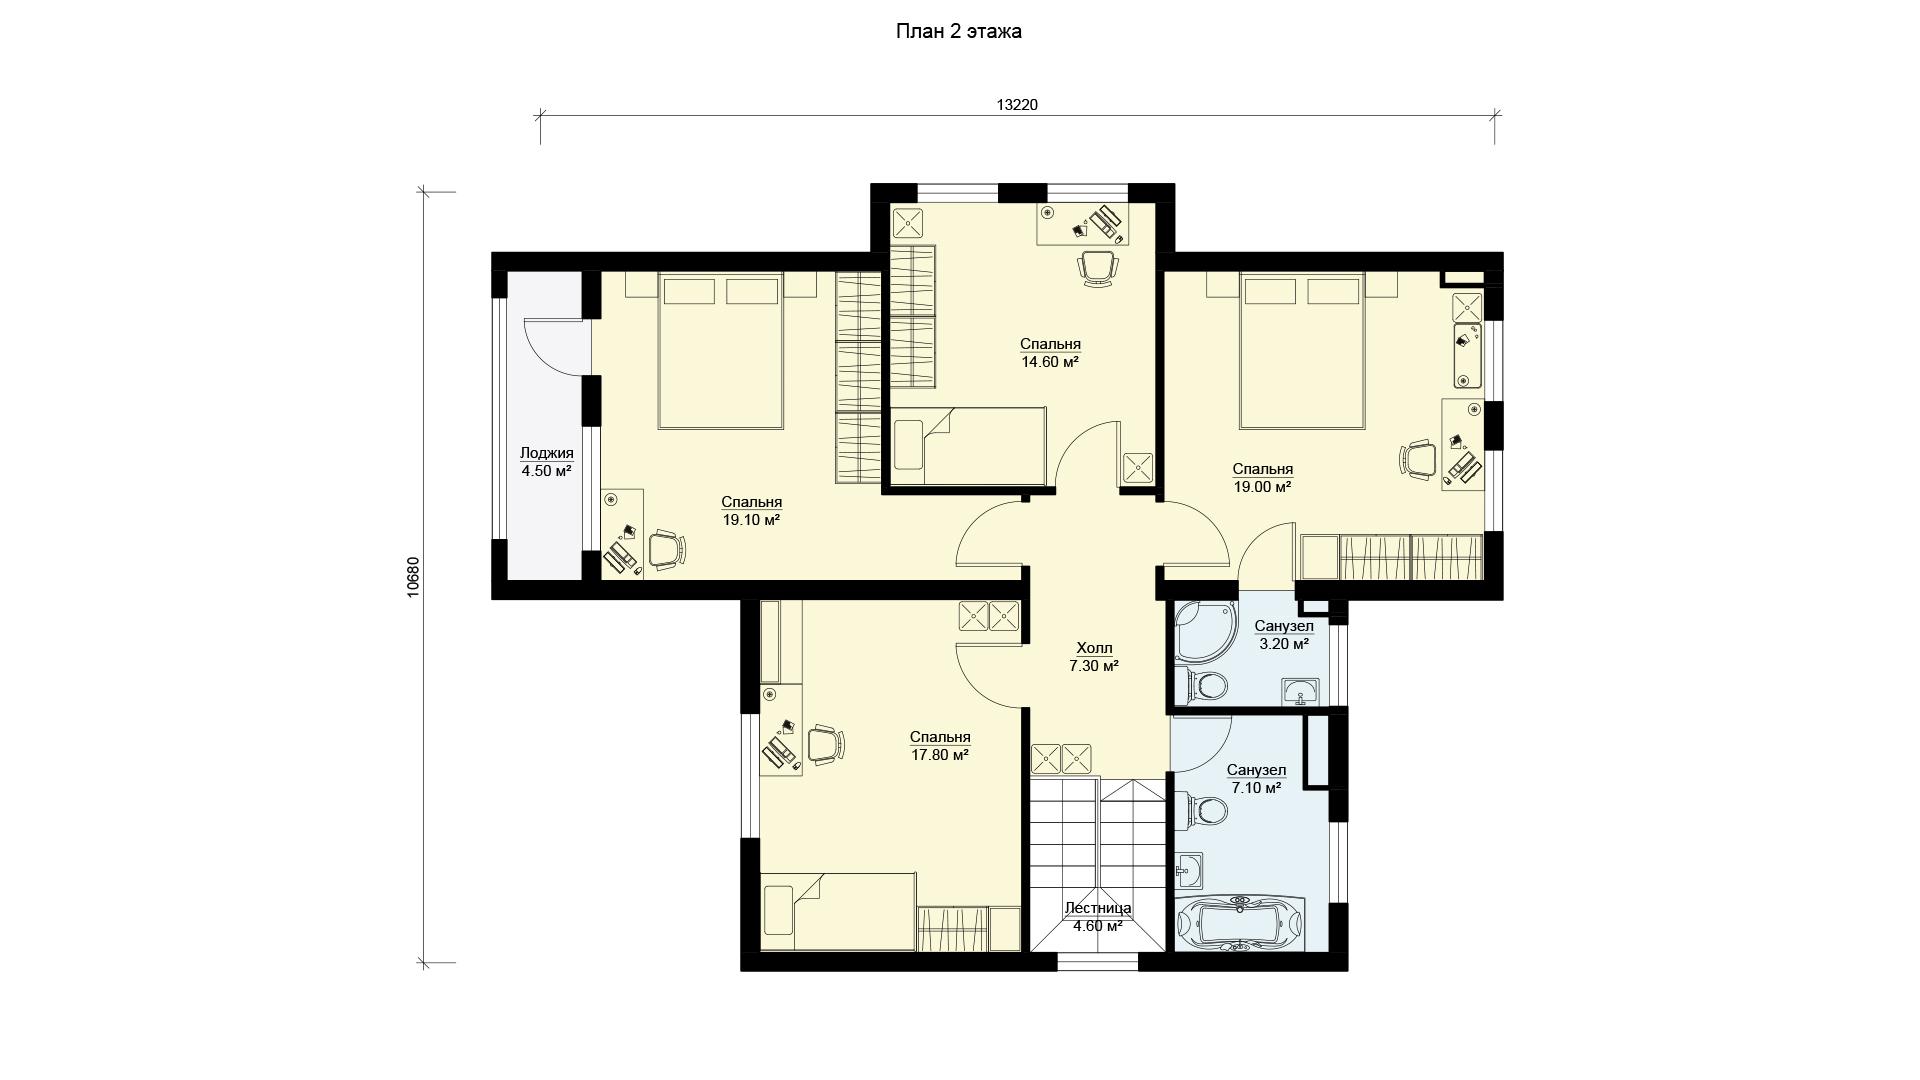 План второго этажа двухэтажного загородного дома БЭНПАН, проект МС-253/1.